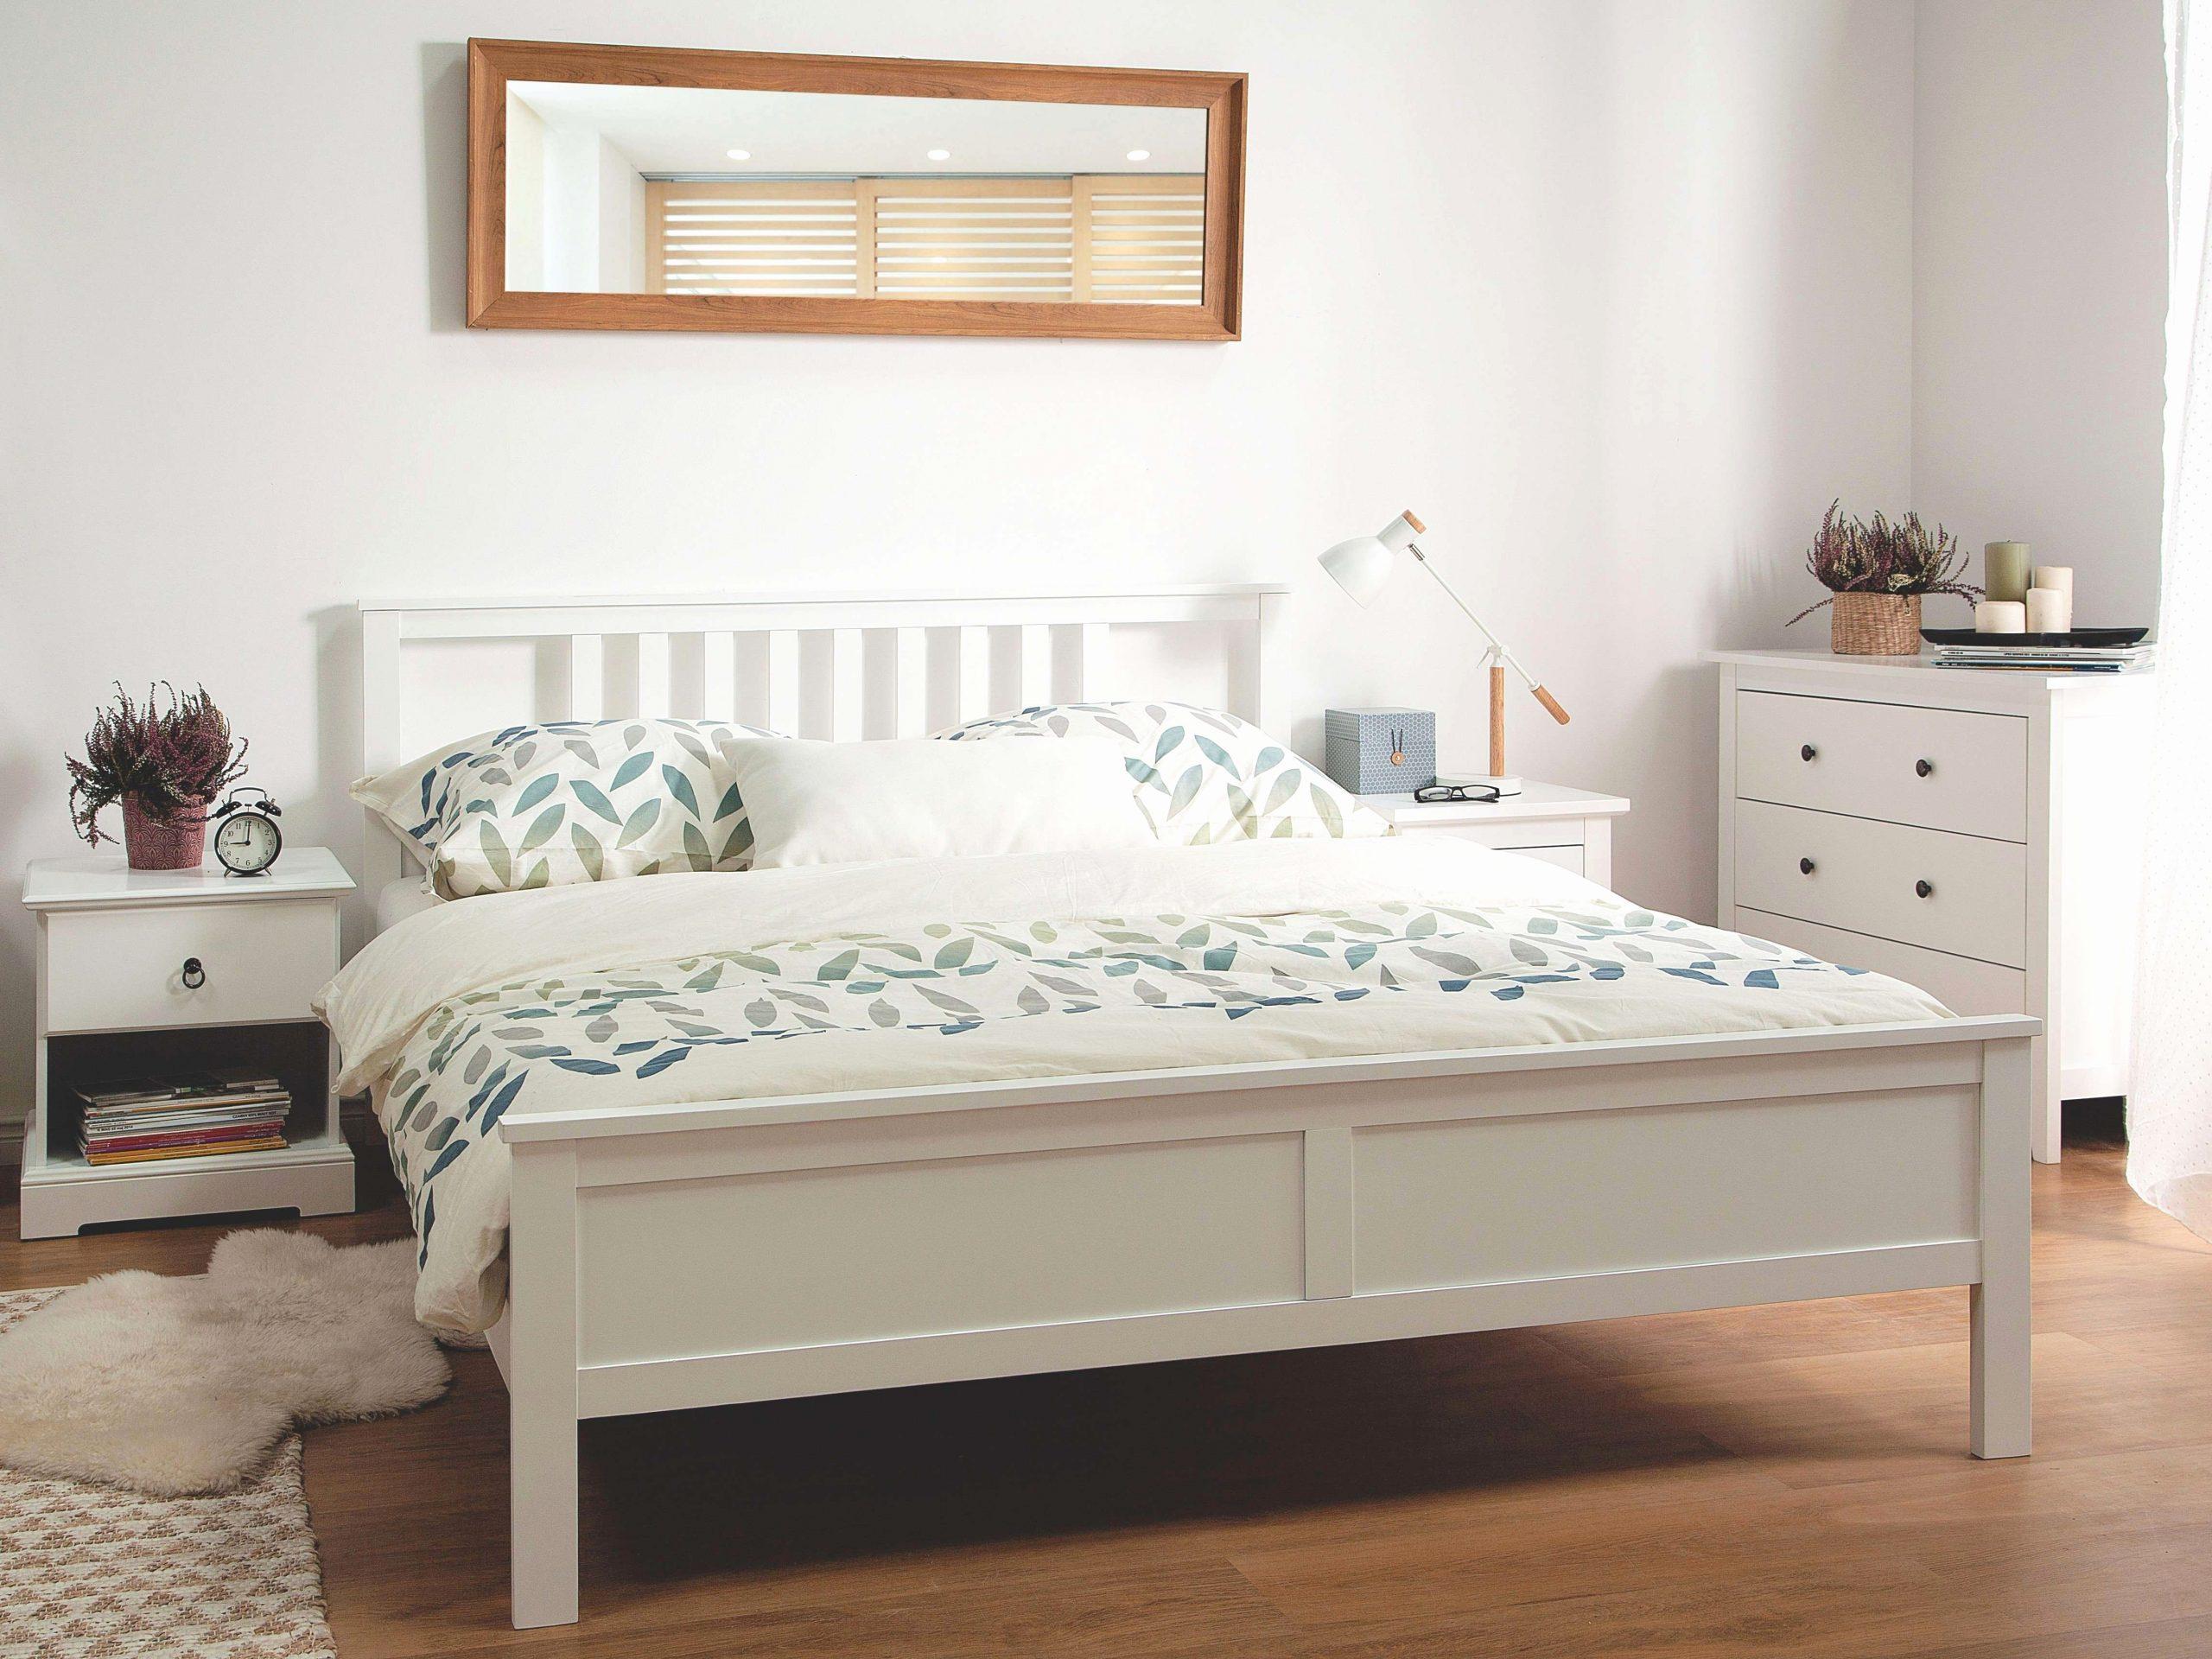 Full Size of Raumteiler Ikea Ideen Schlafzimmer Elegant Neu Regal Küche Kosten Miniküche Betten 160x200 Kaufen Sofa Mit Schlaffunktion Modulküche Bei Wohnzimmer Raumteiler Ikea